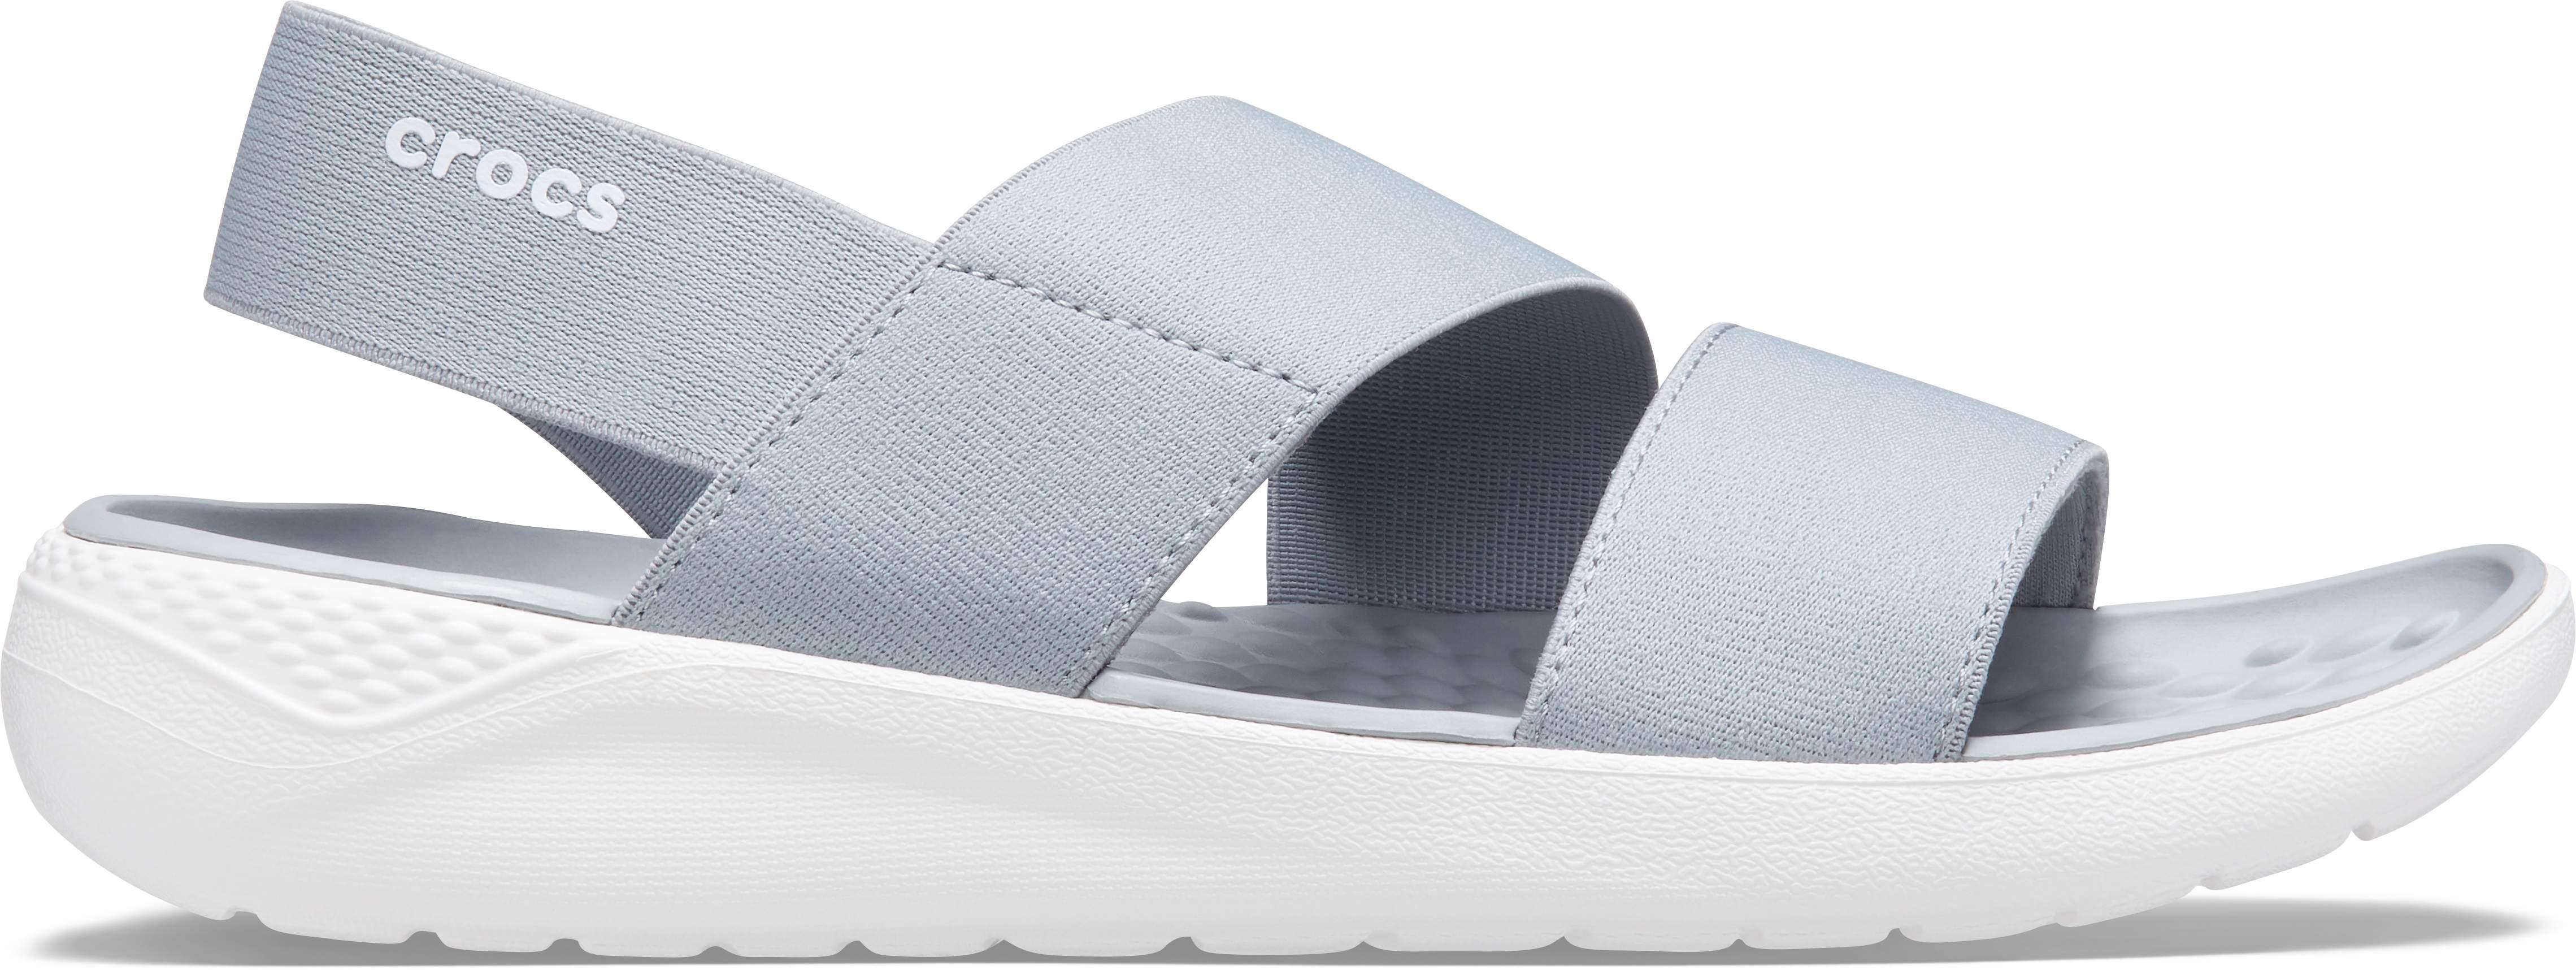 Crocs Women/'s LiteRide Sandals Navy